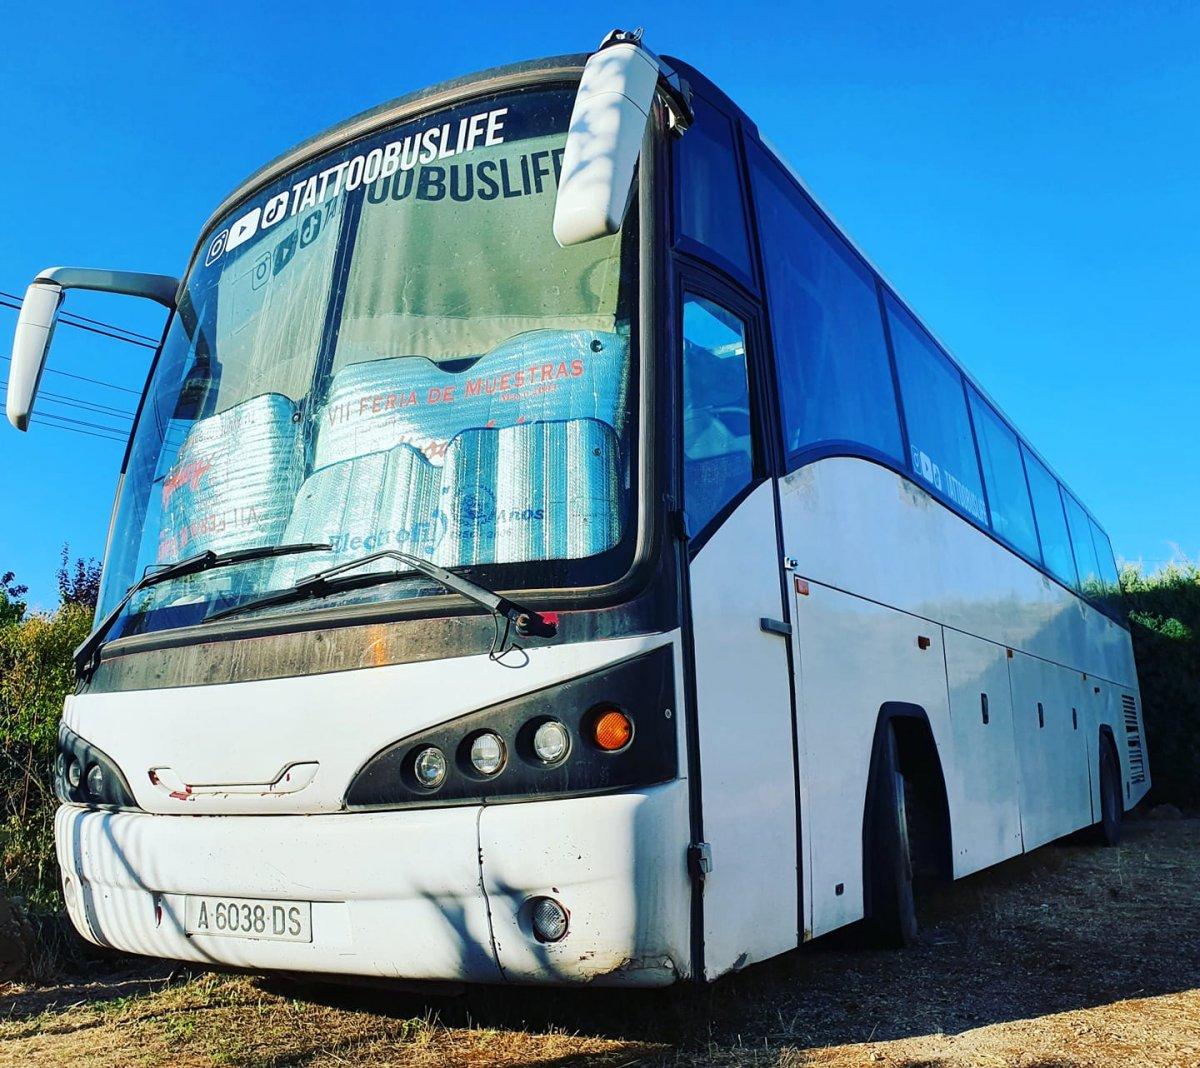 Un vecino de Badajoz se compra un autobús para convertirlo en un 'hotel con ruedas' y llevarse a su familia de vacaciones